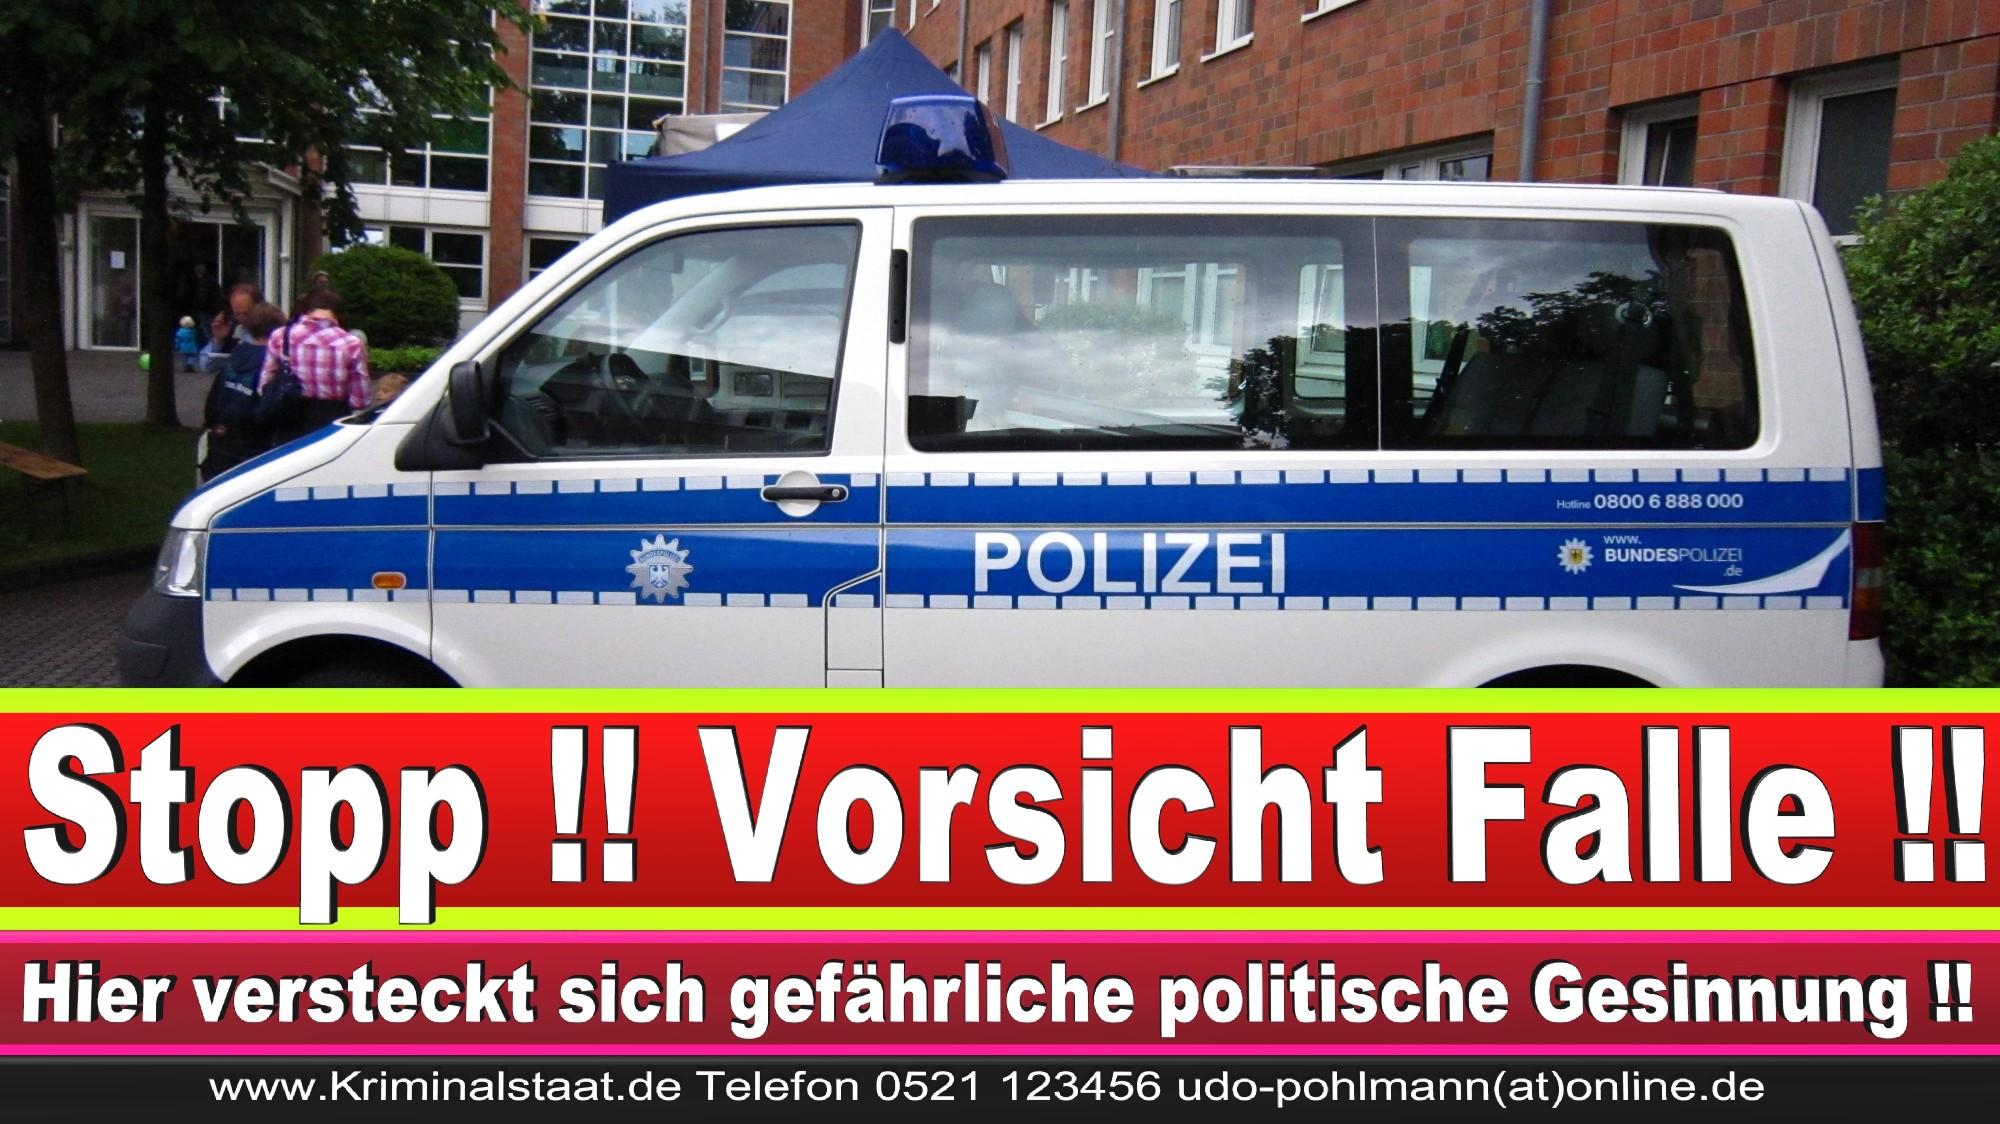 Polizeipräsidentin Katharina Giere Polizei Bielefeld NRW Erwin Südfeld Horst Kruse Polizeiuniform Polizeigewalt DEMONSTRATION Bahnhof (8) 1